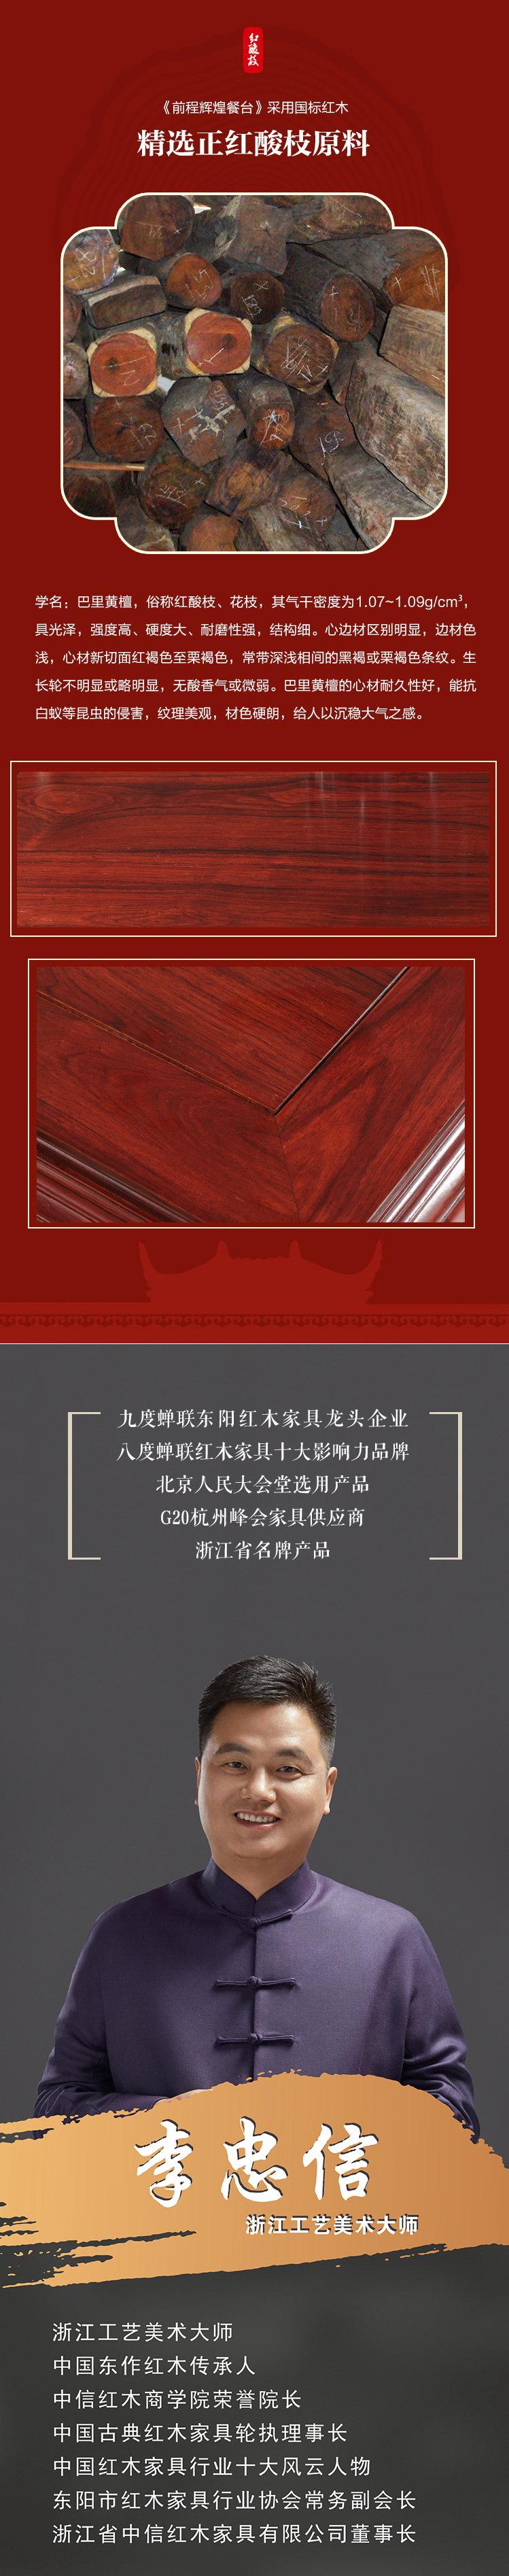 红酸枝前程辉煌餐台详情页B_03.jpg